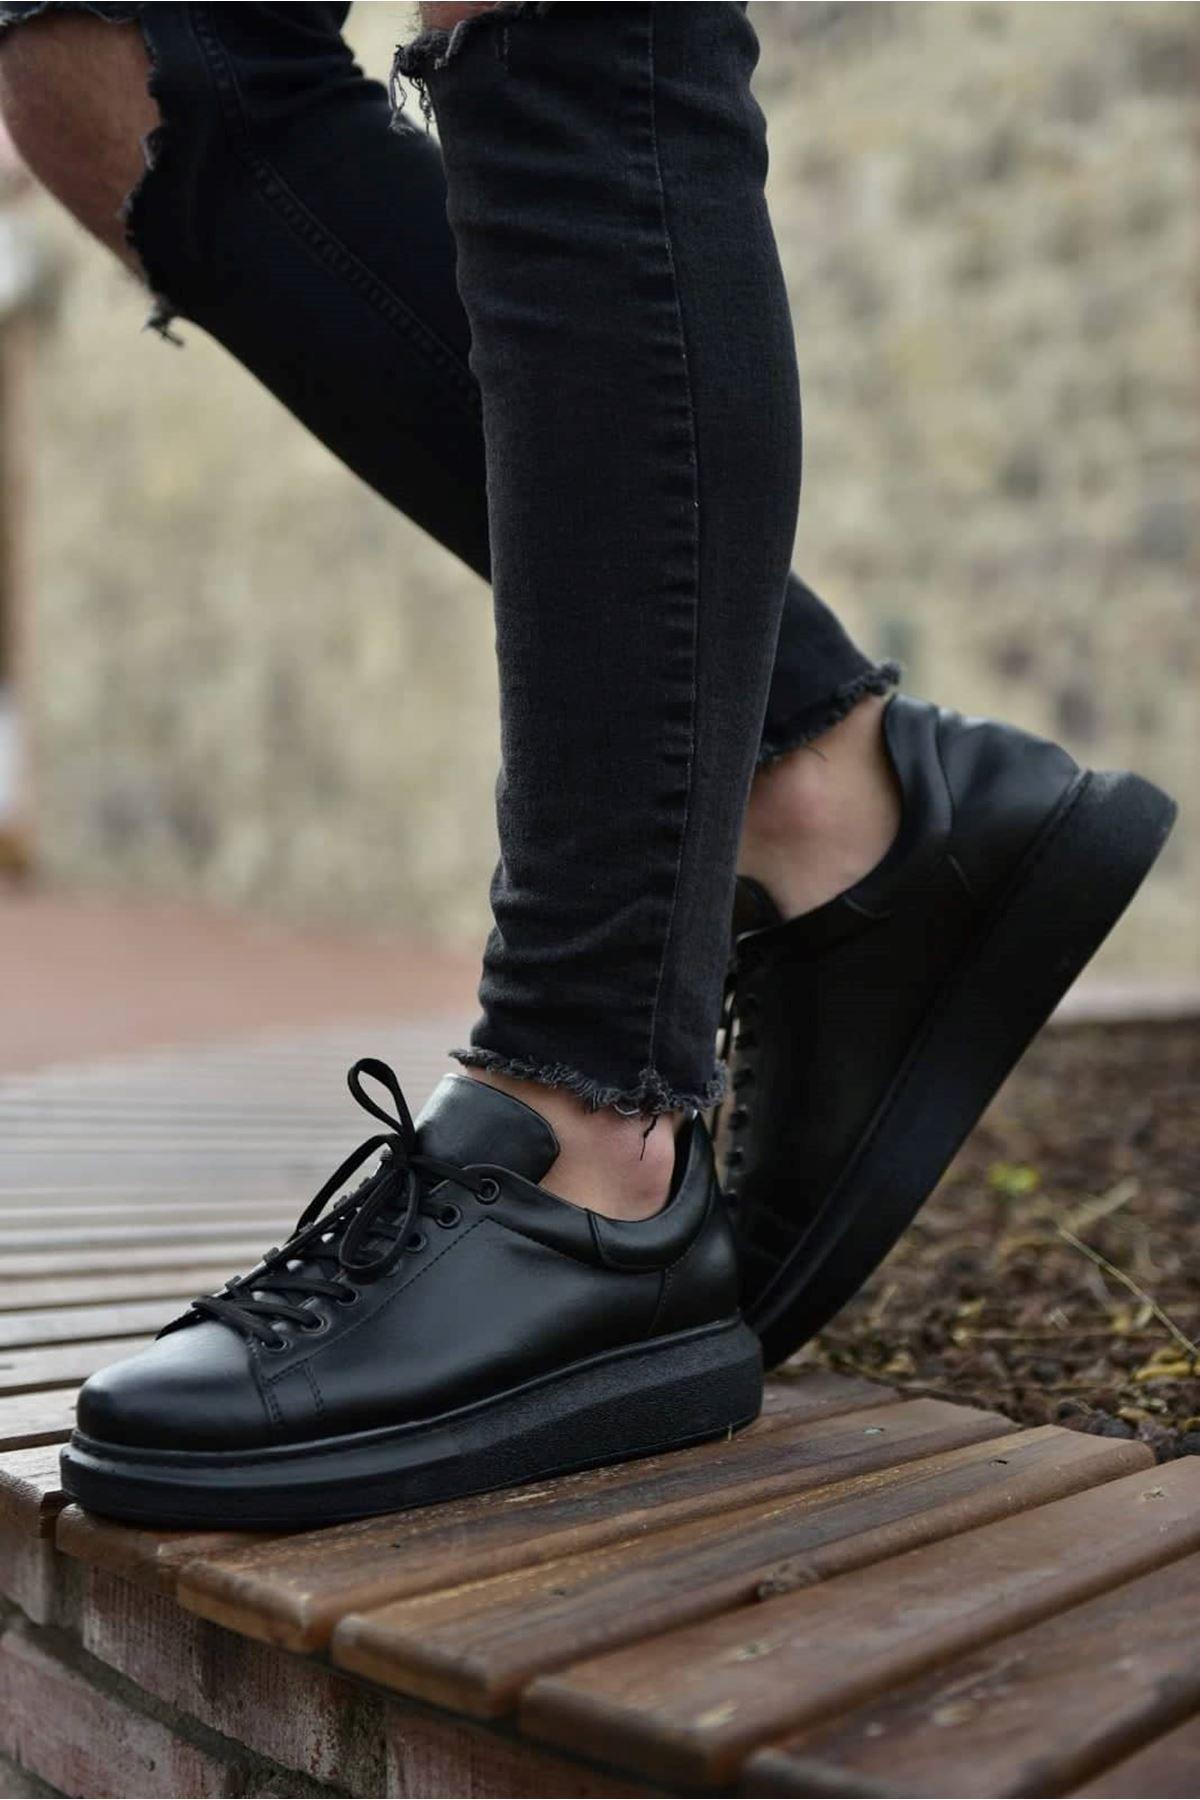 Pin By Fellipe Nuzzi On Pisante In 2021 Sneakers Men Fashion Sneakers Men Dress Shoes Men [ 1800 x 1200 Pixel ]